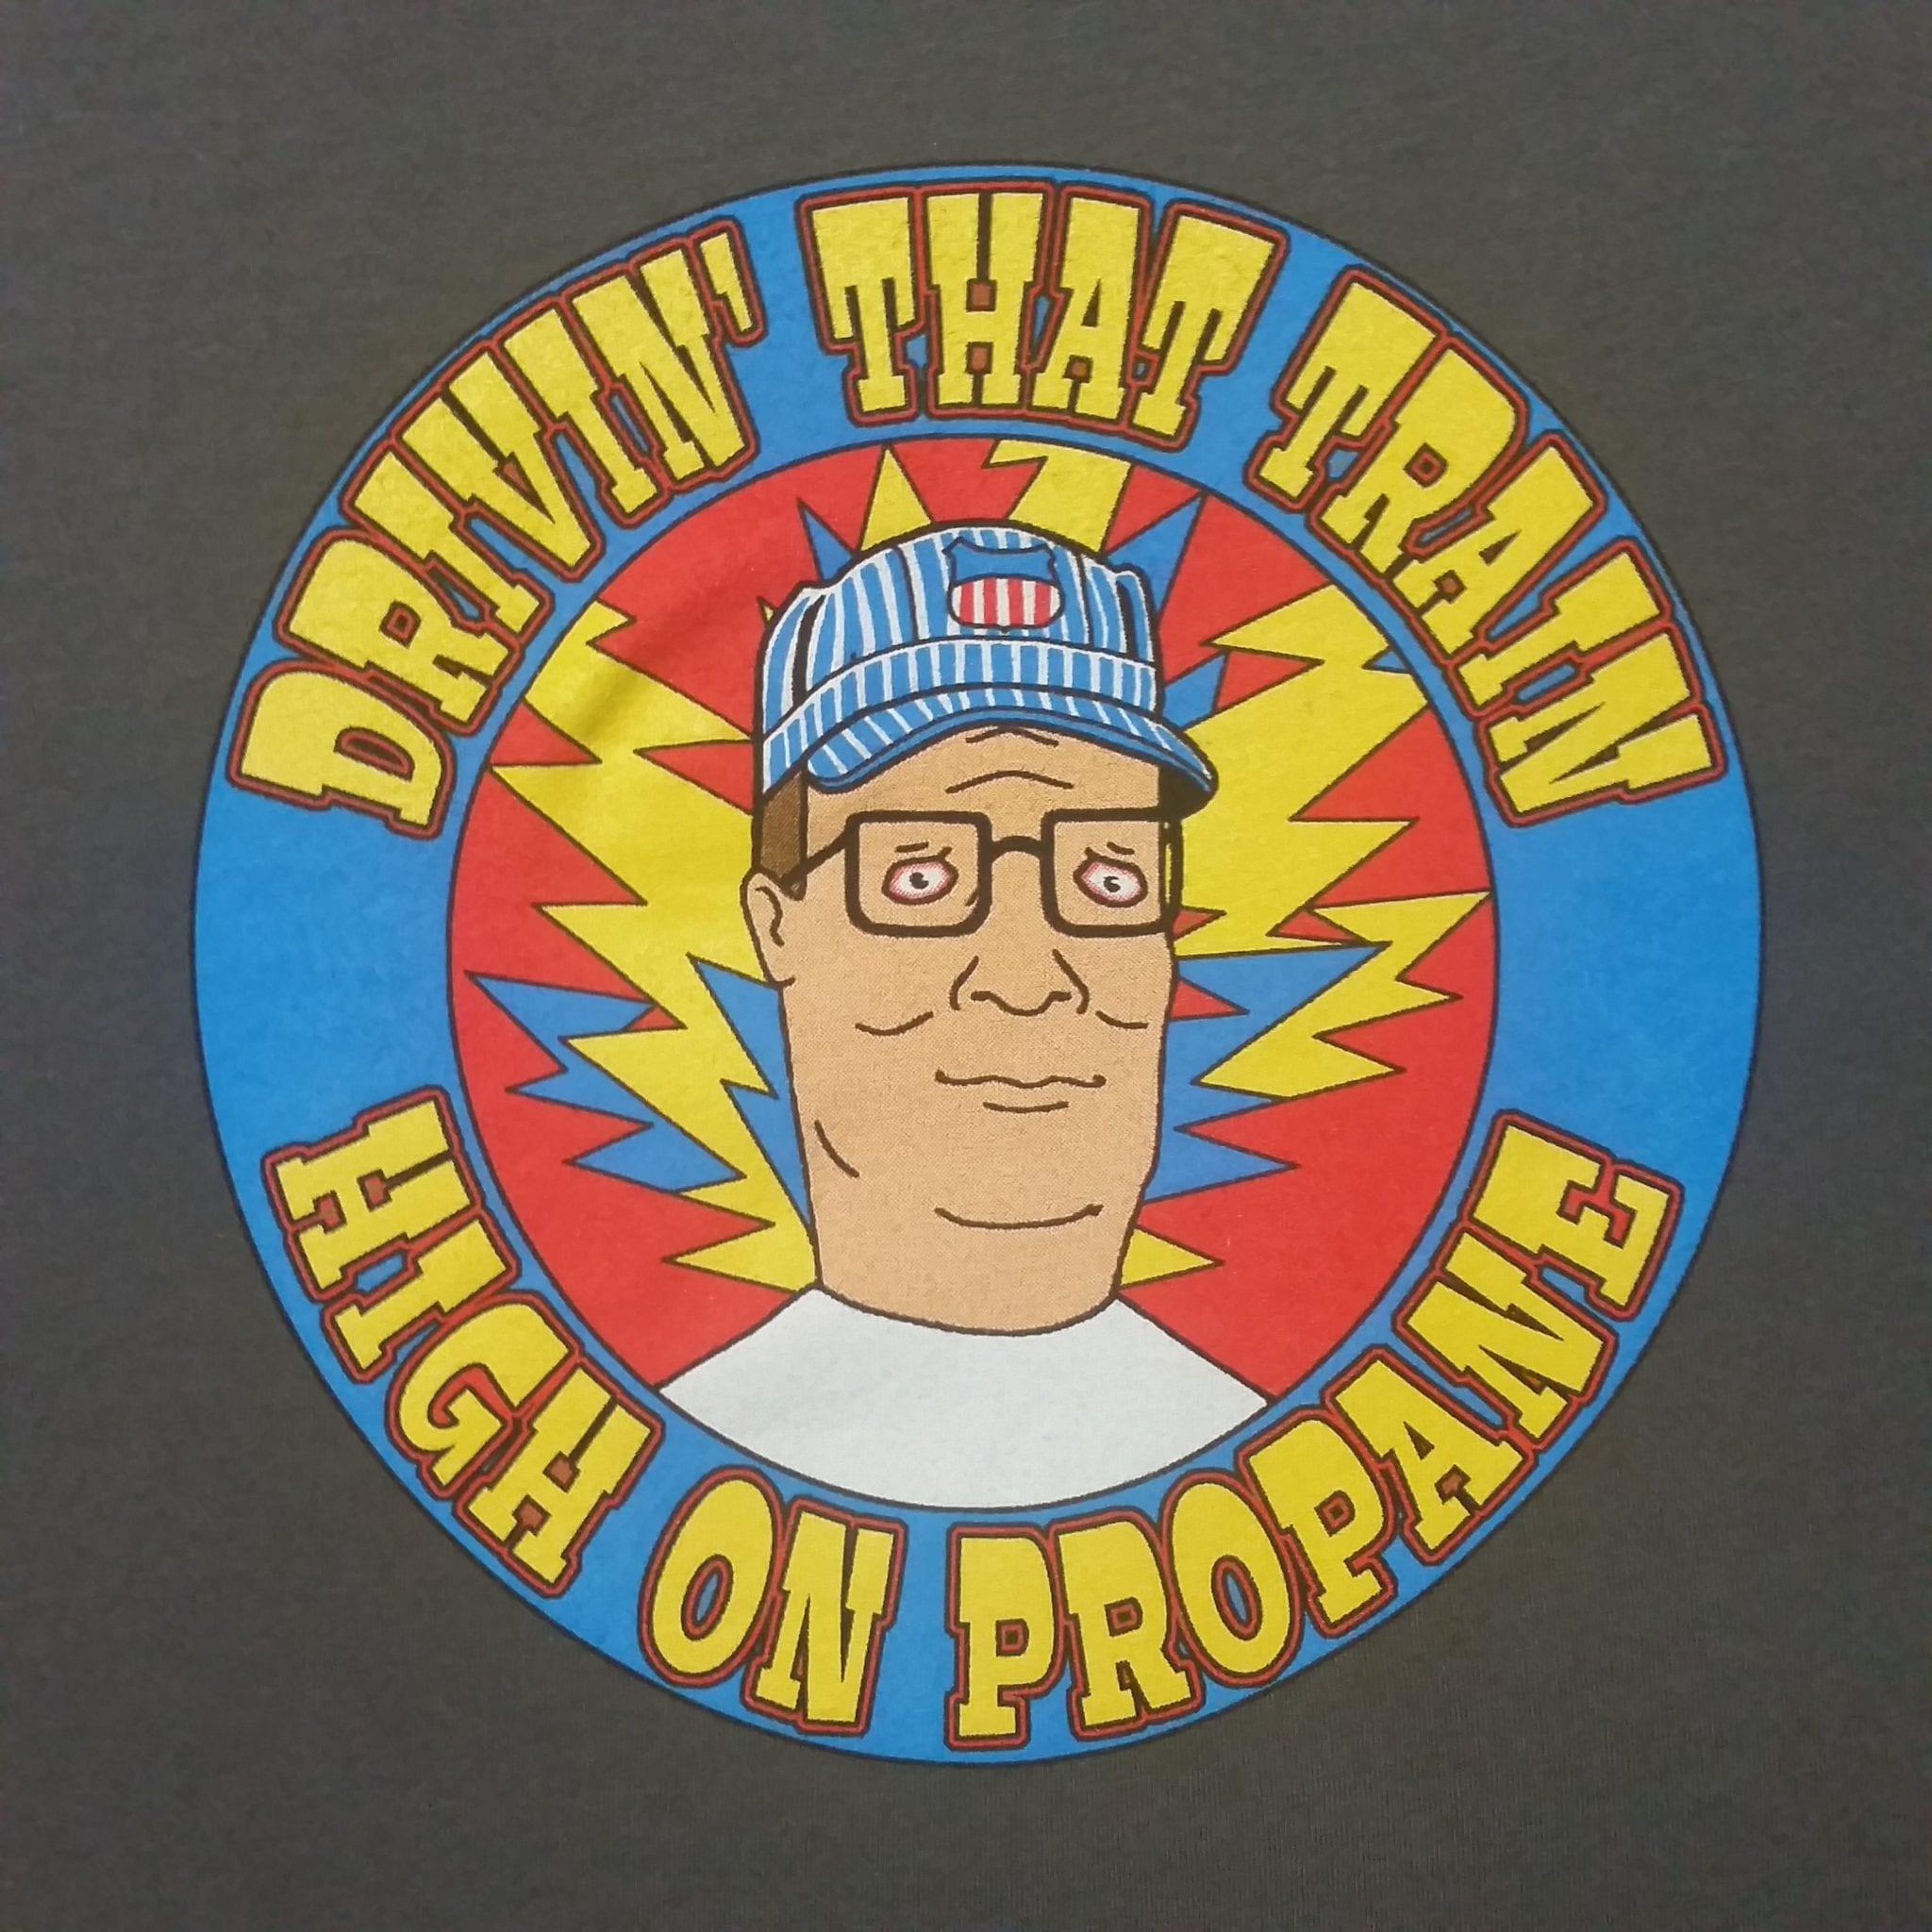 Hank Hill / High On Propane Casey Jones HOODIE - Grateful ...  Hank Hill High